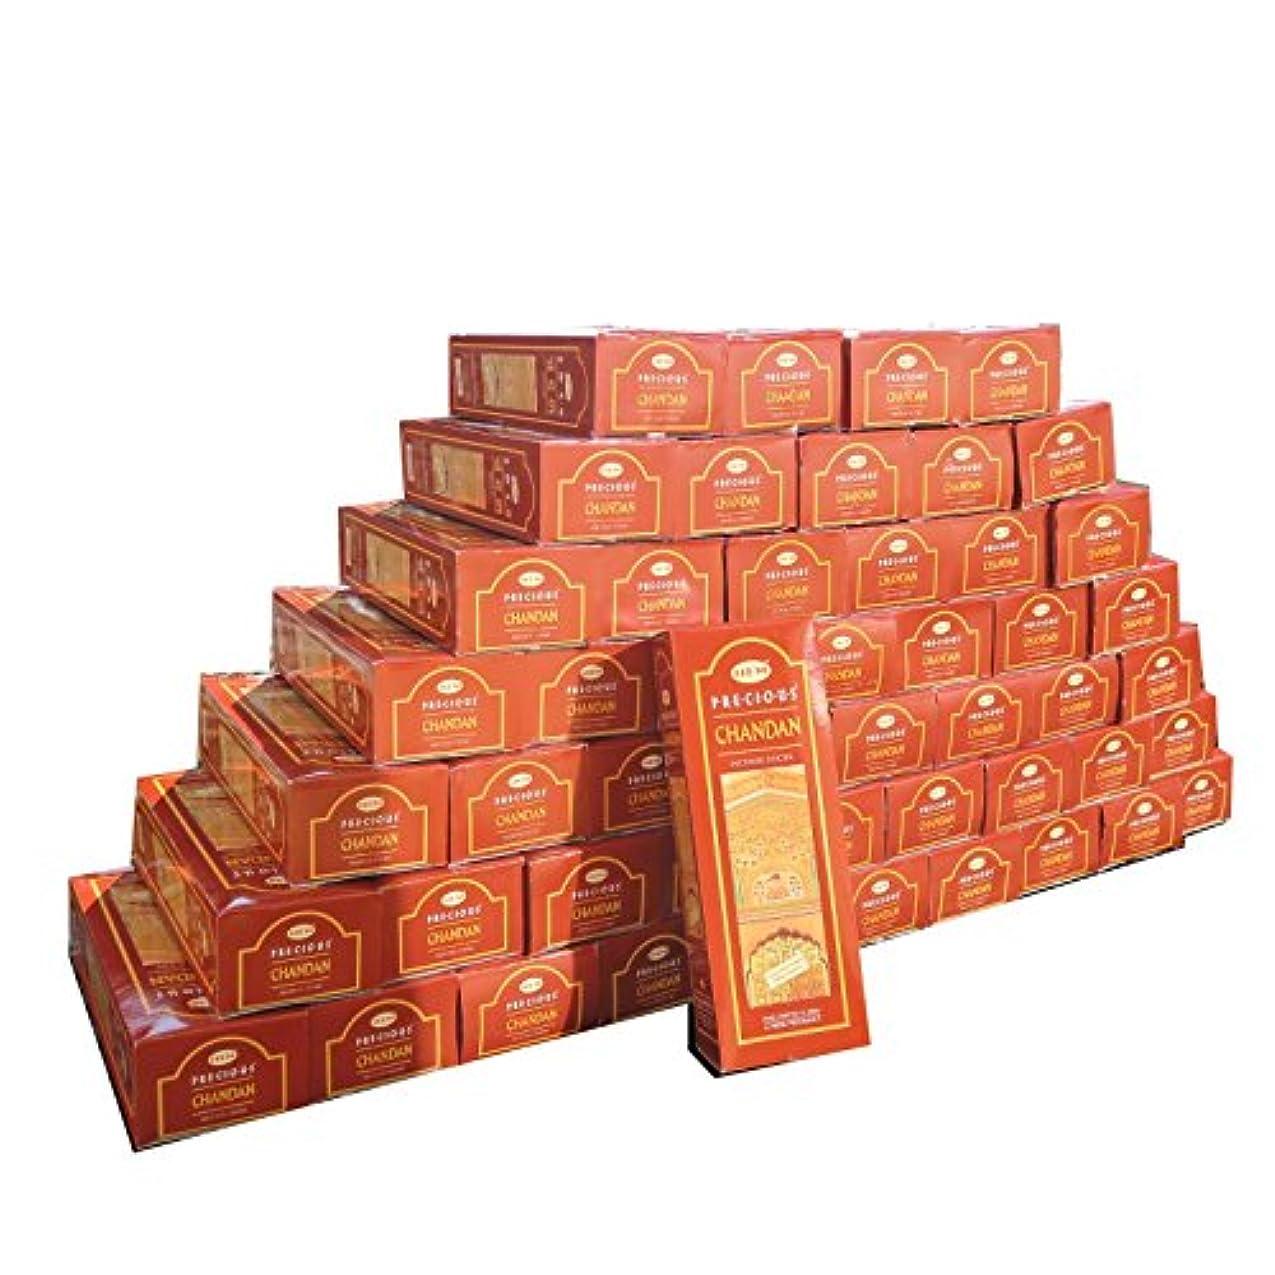 達成する地下メトロポリタン業務用 インドスティック形お香 プレシャスチャンダン 300箱入り